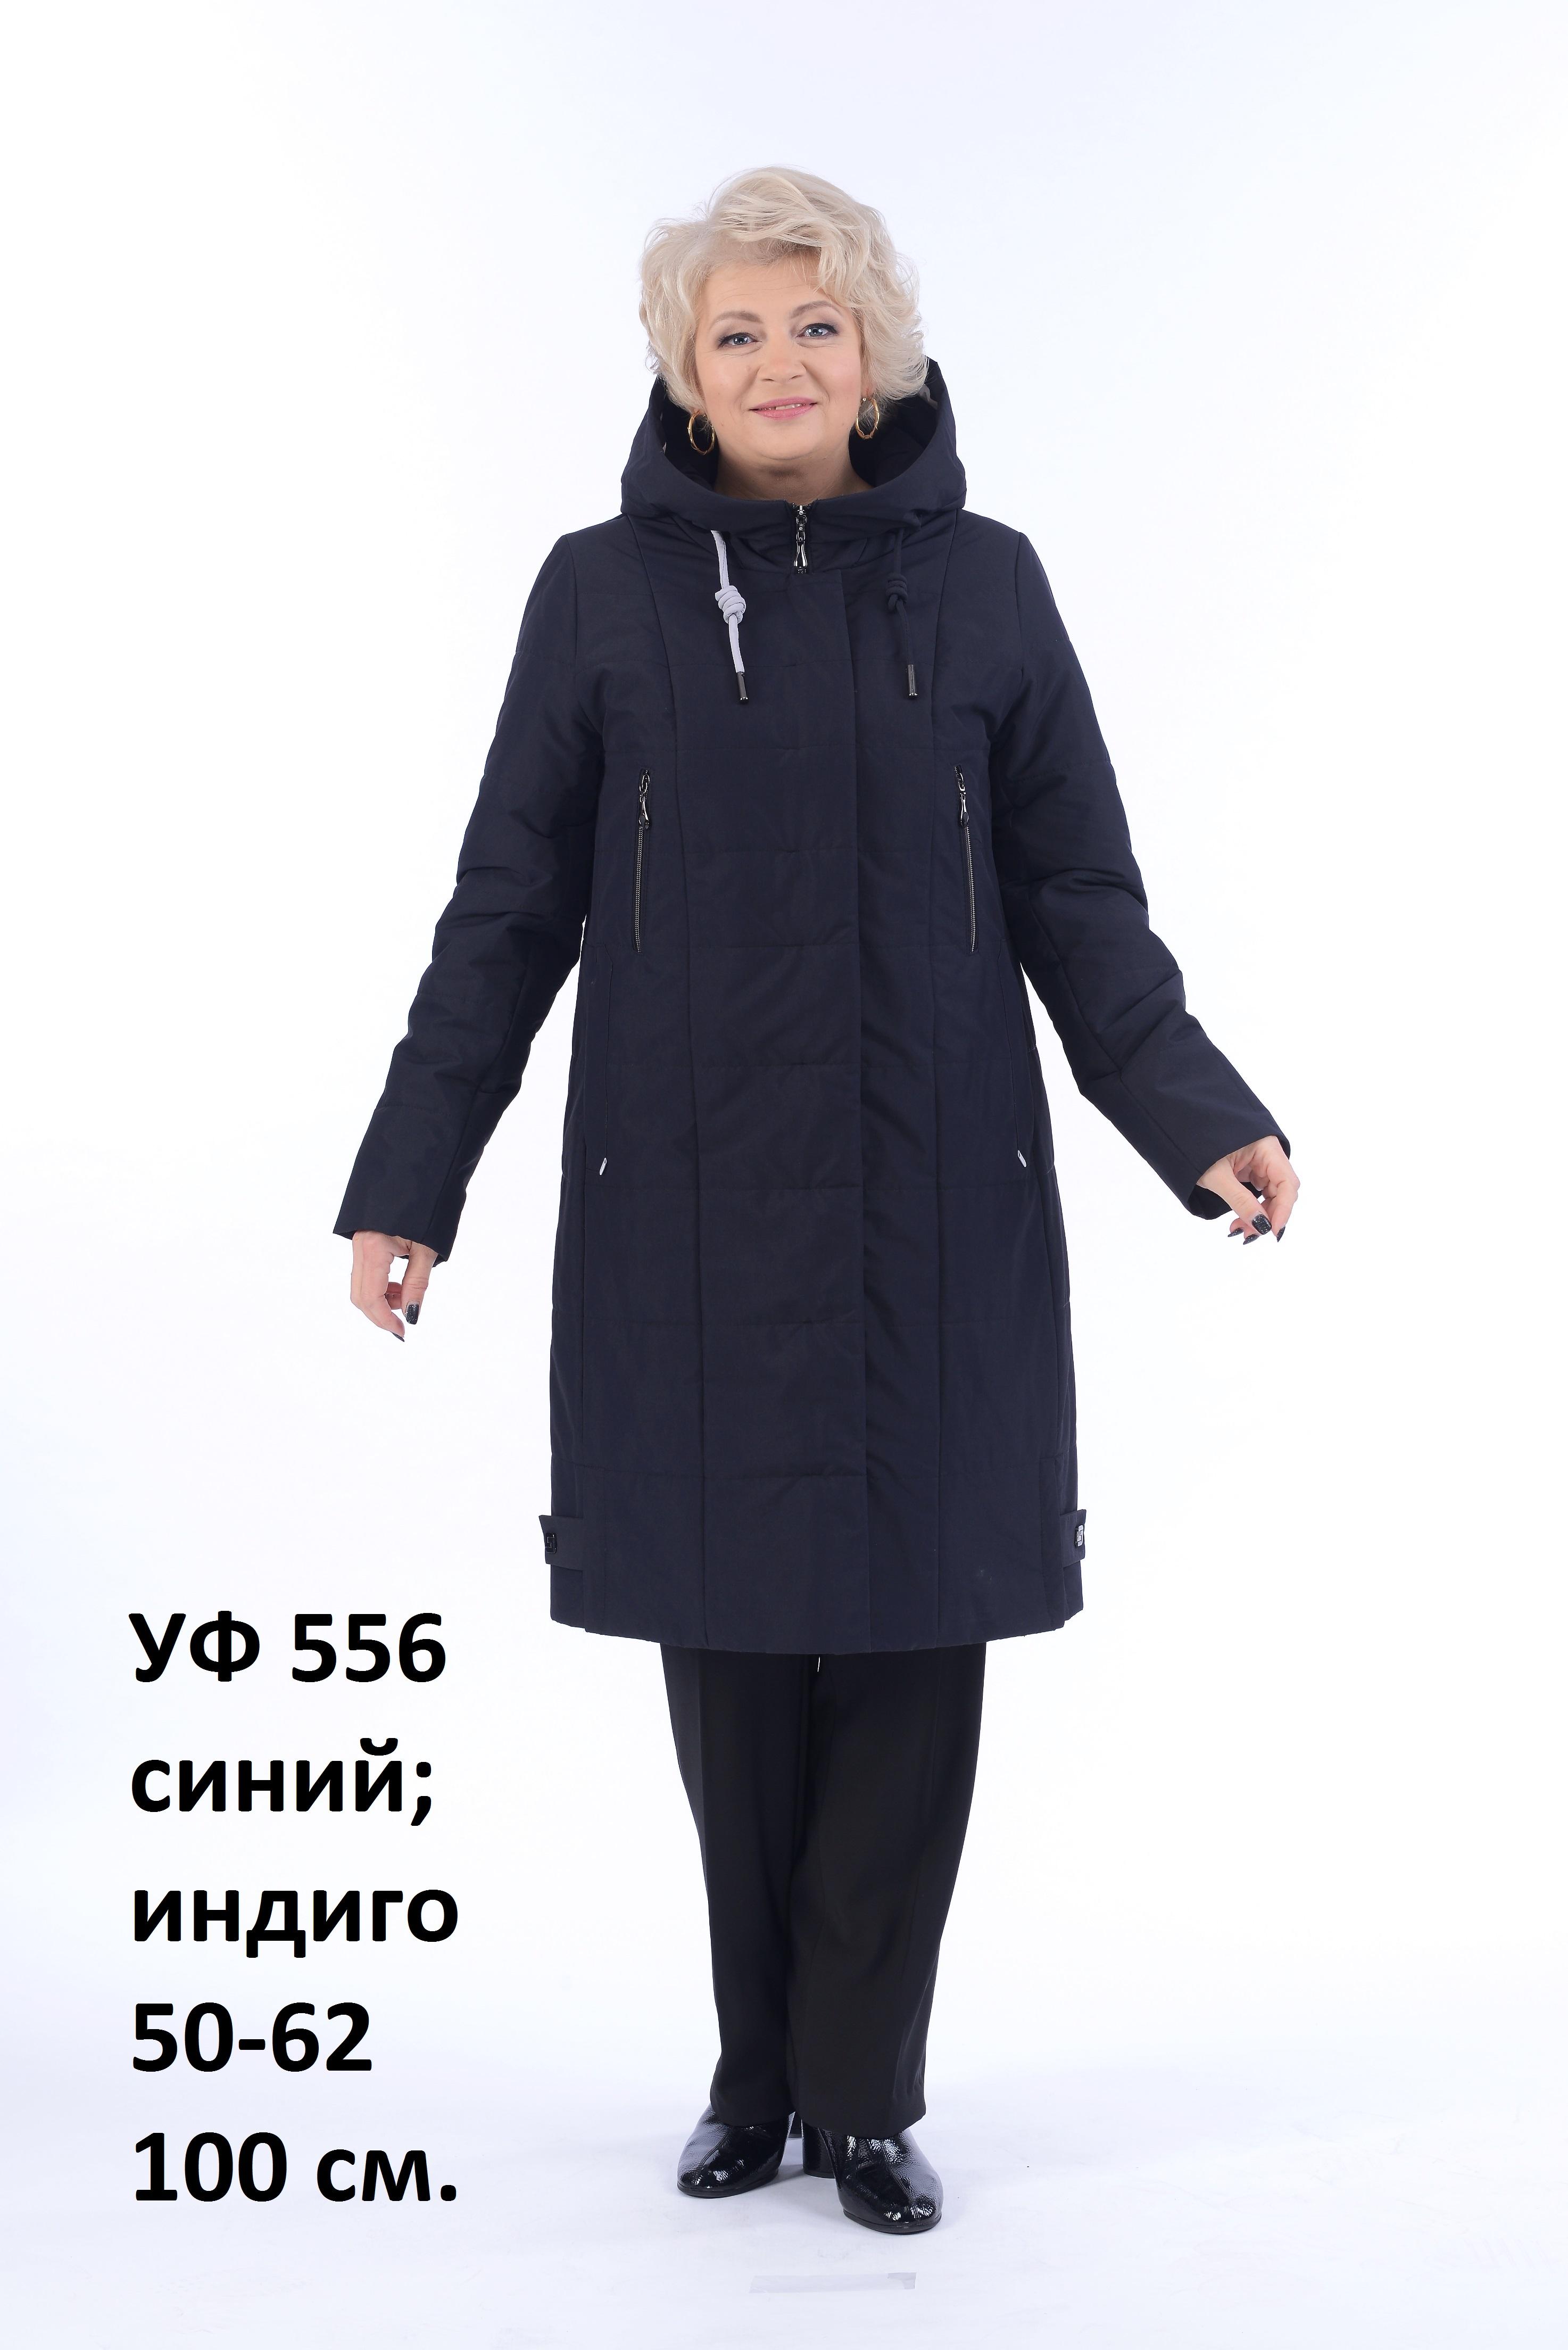 Цена 12500 рублей